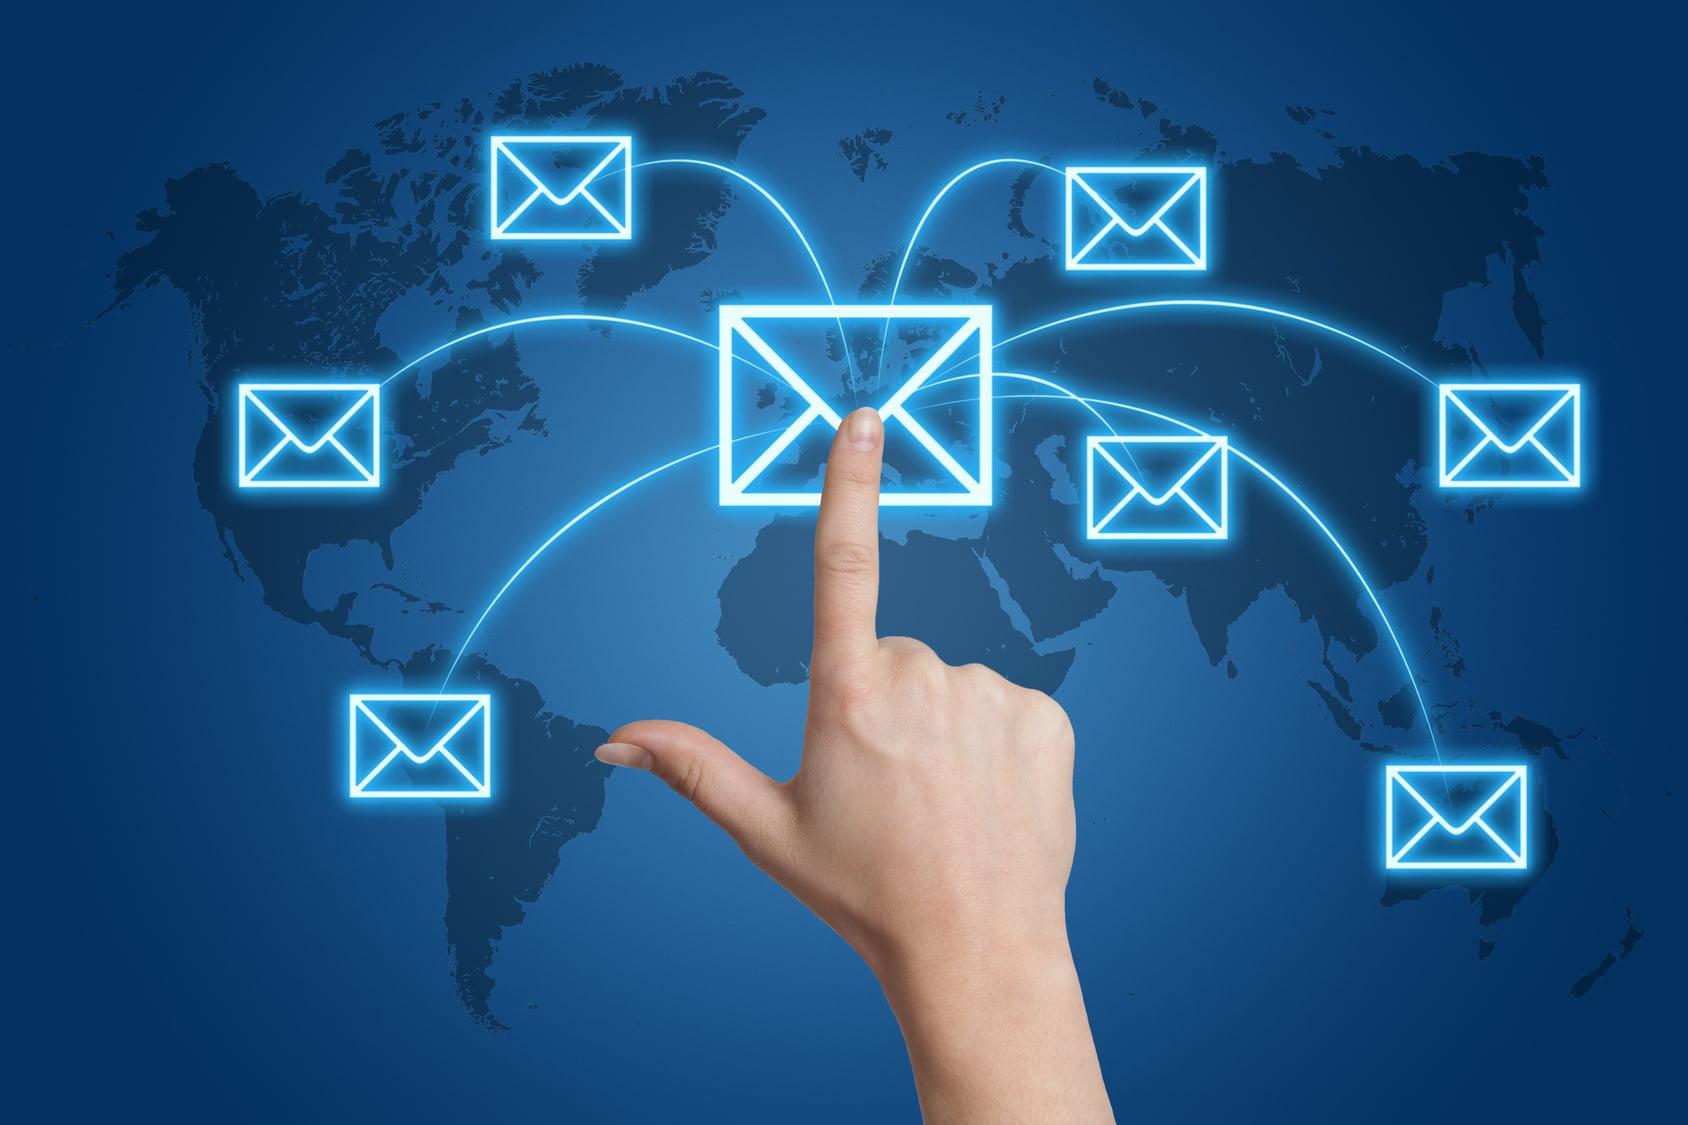 Zoom quiere entrar en el correo electrónico